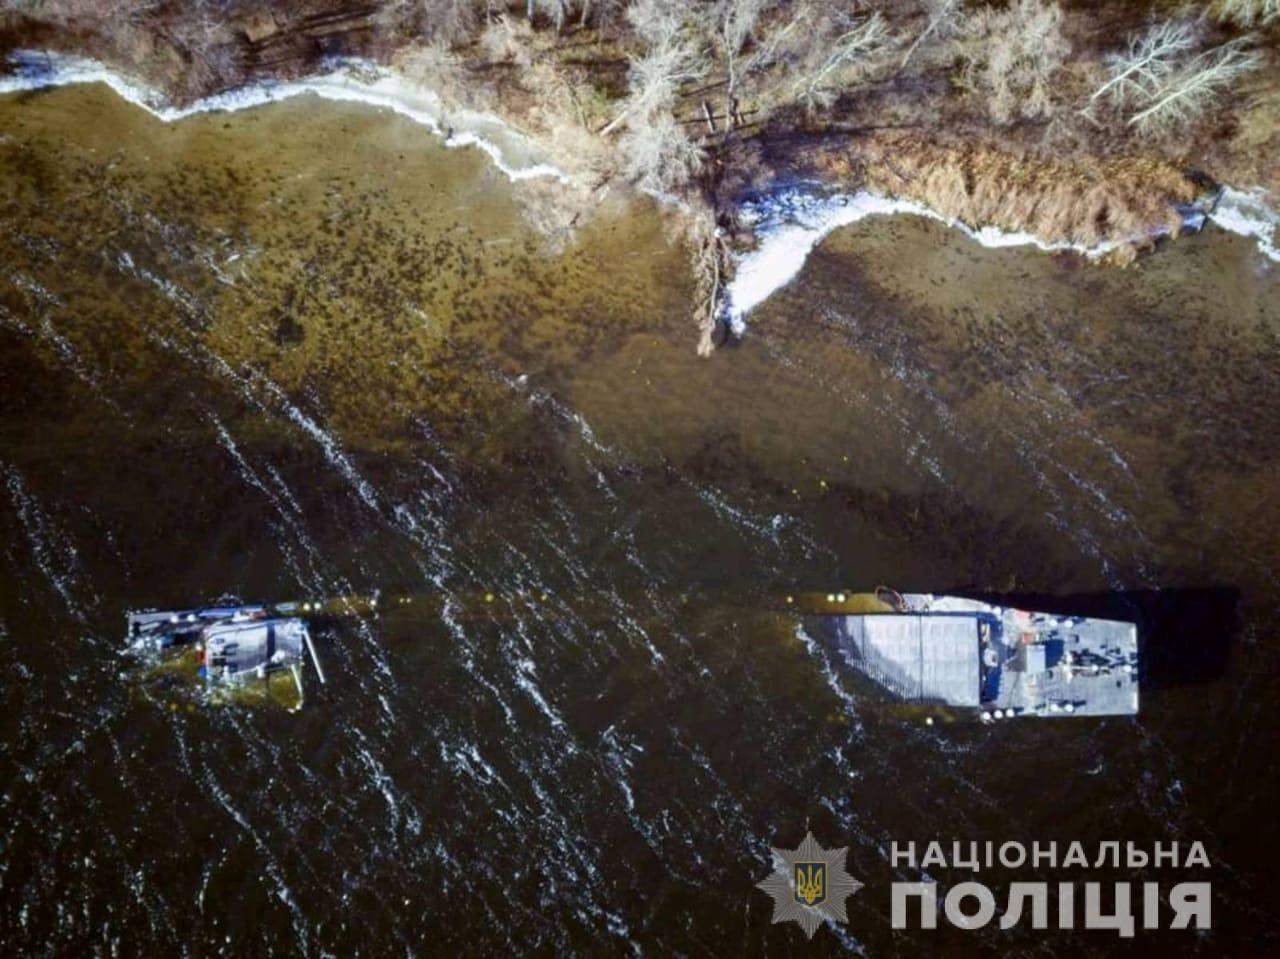 Полиция: капитан посадил баржу на мель под Запорожьем, потому что случилась авария, - ФОТО, фото-1